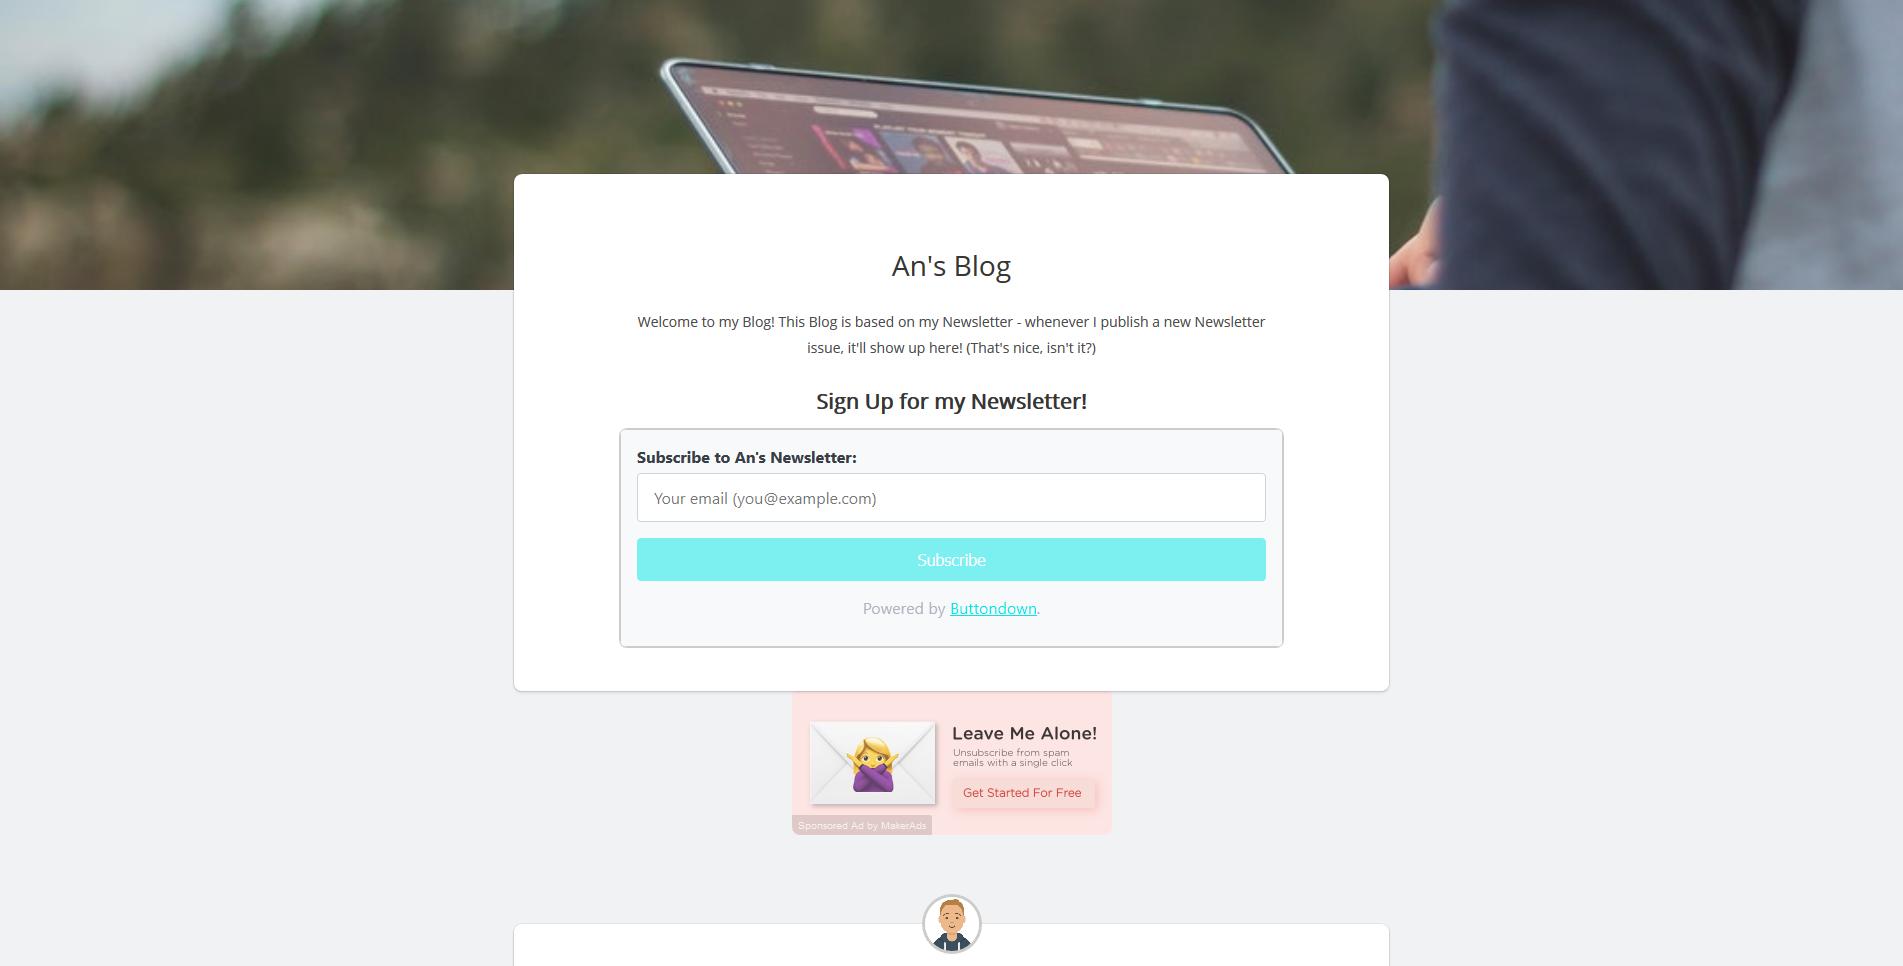 An's Blog Screenshot